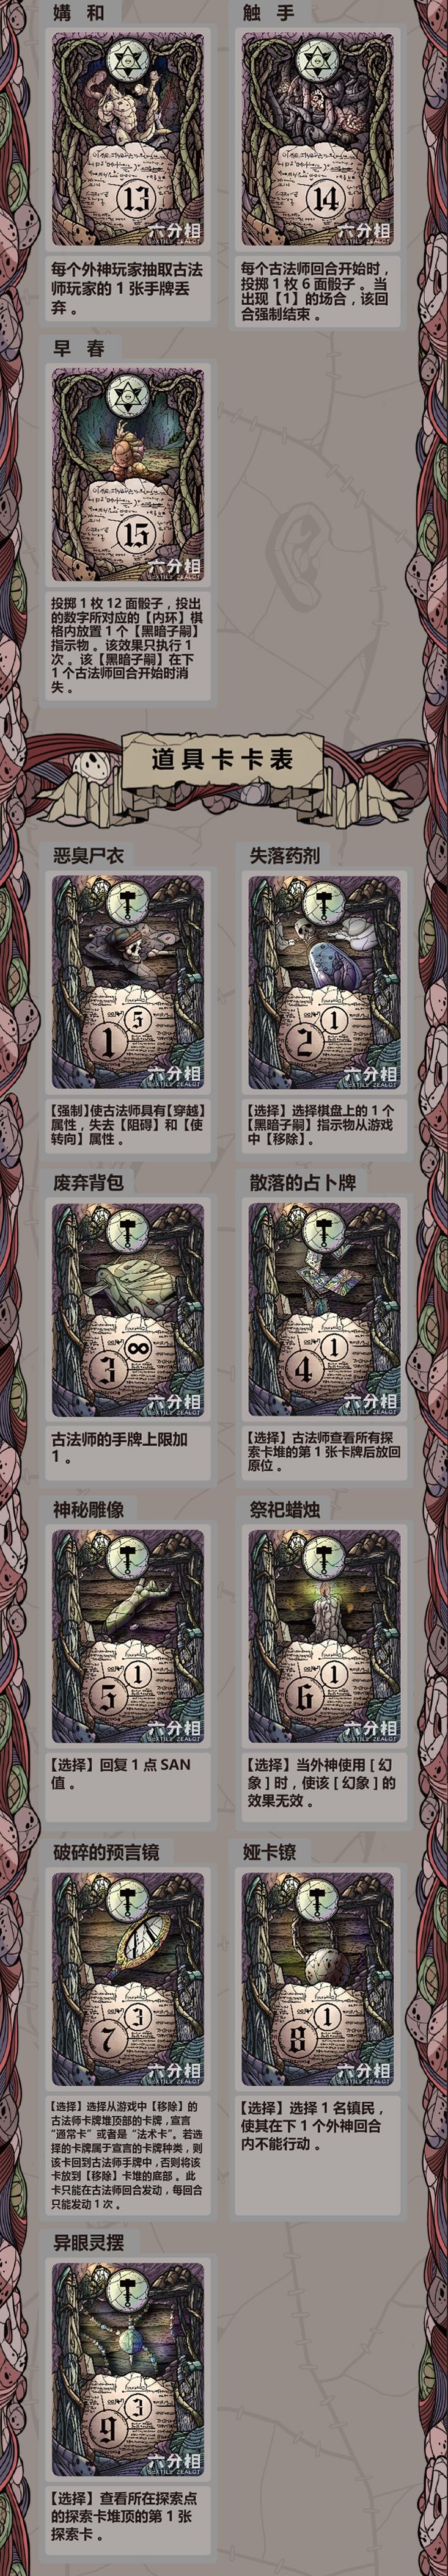 全卡表4_03.jpg